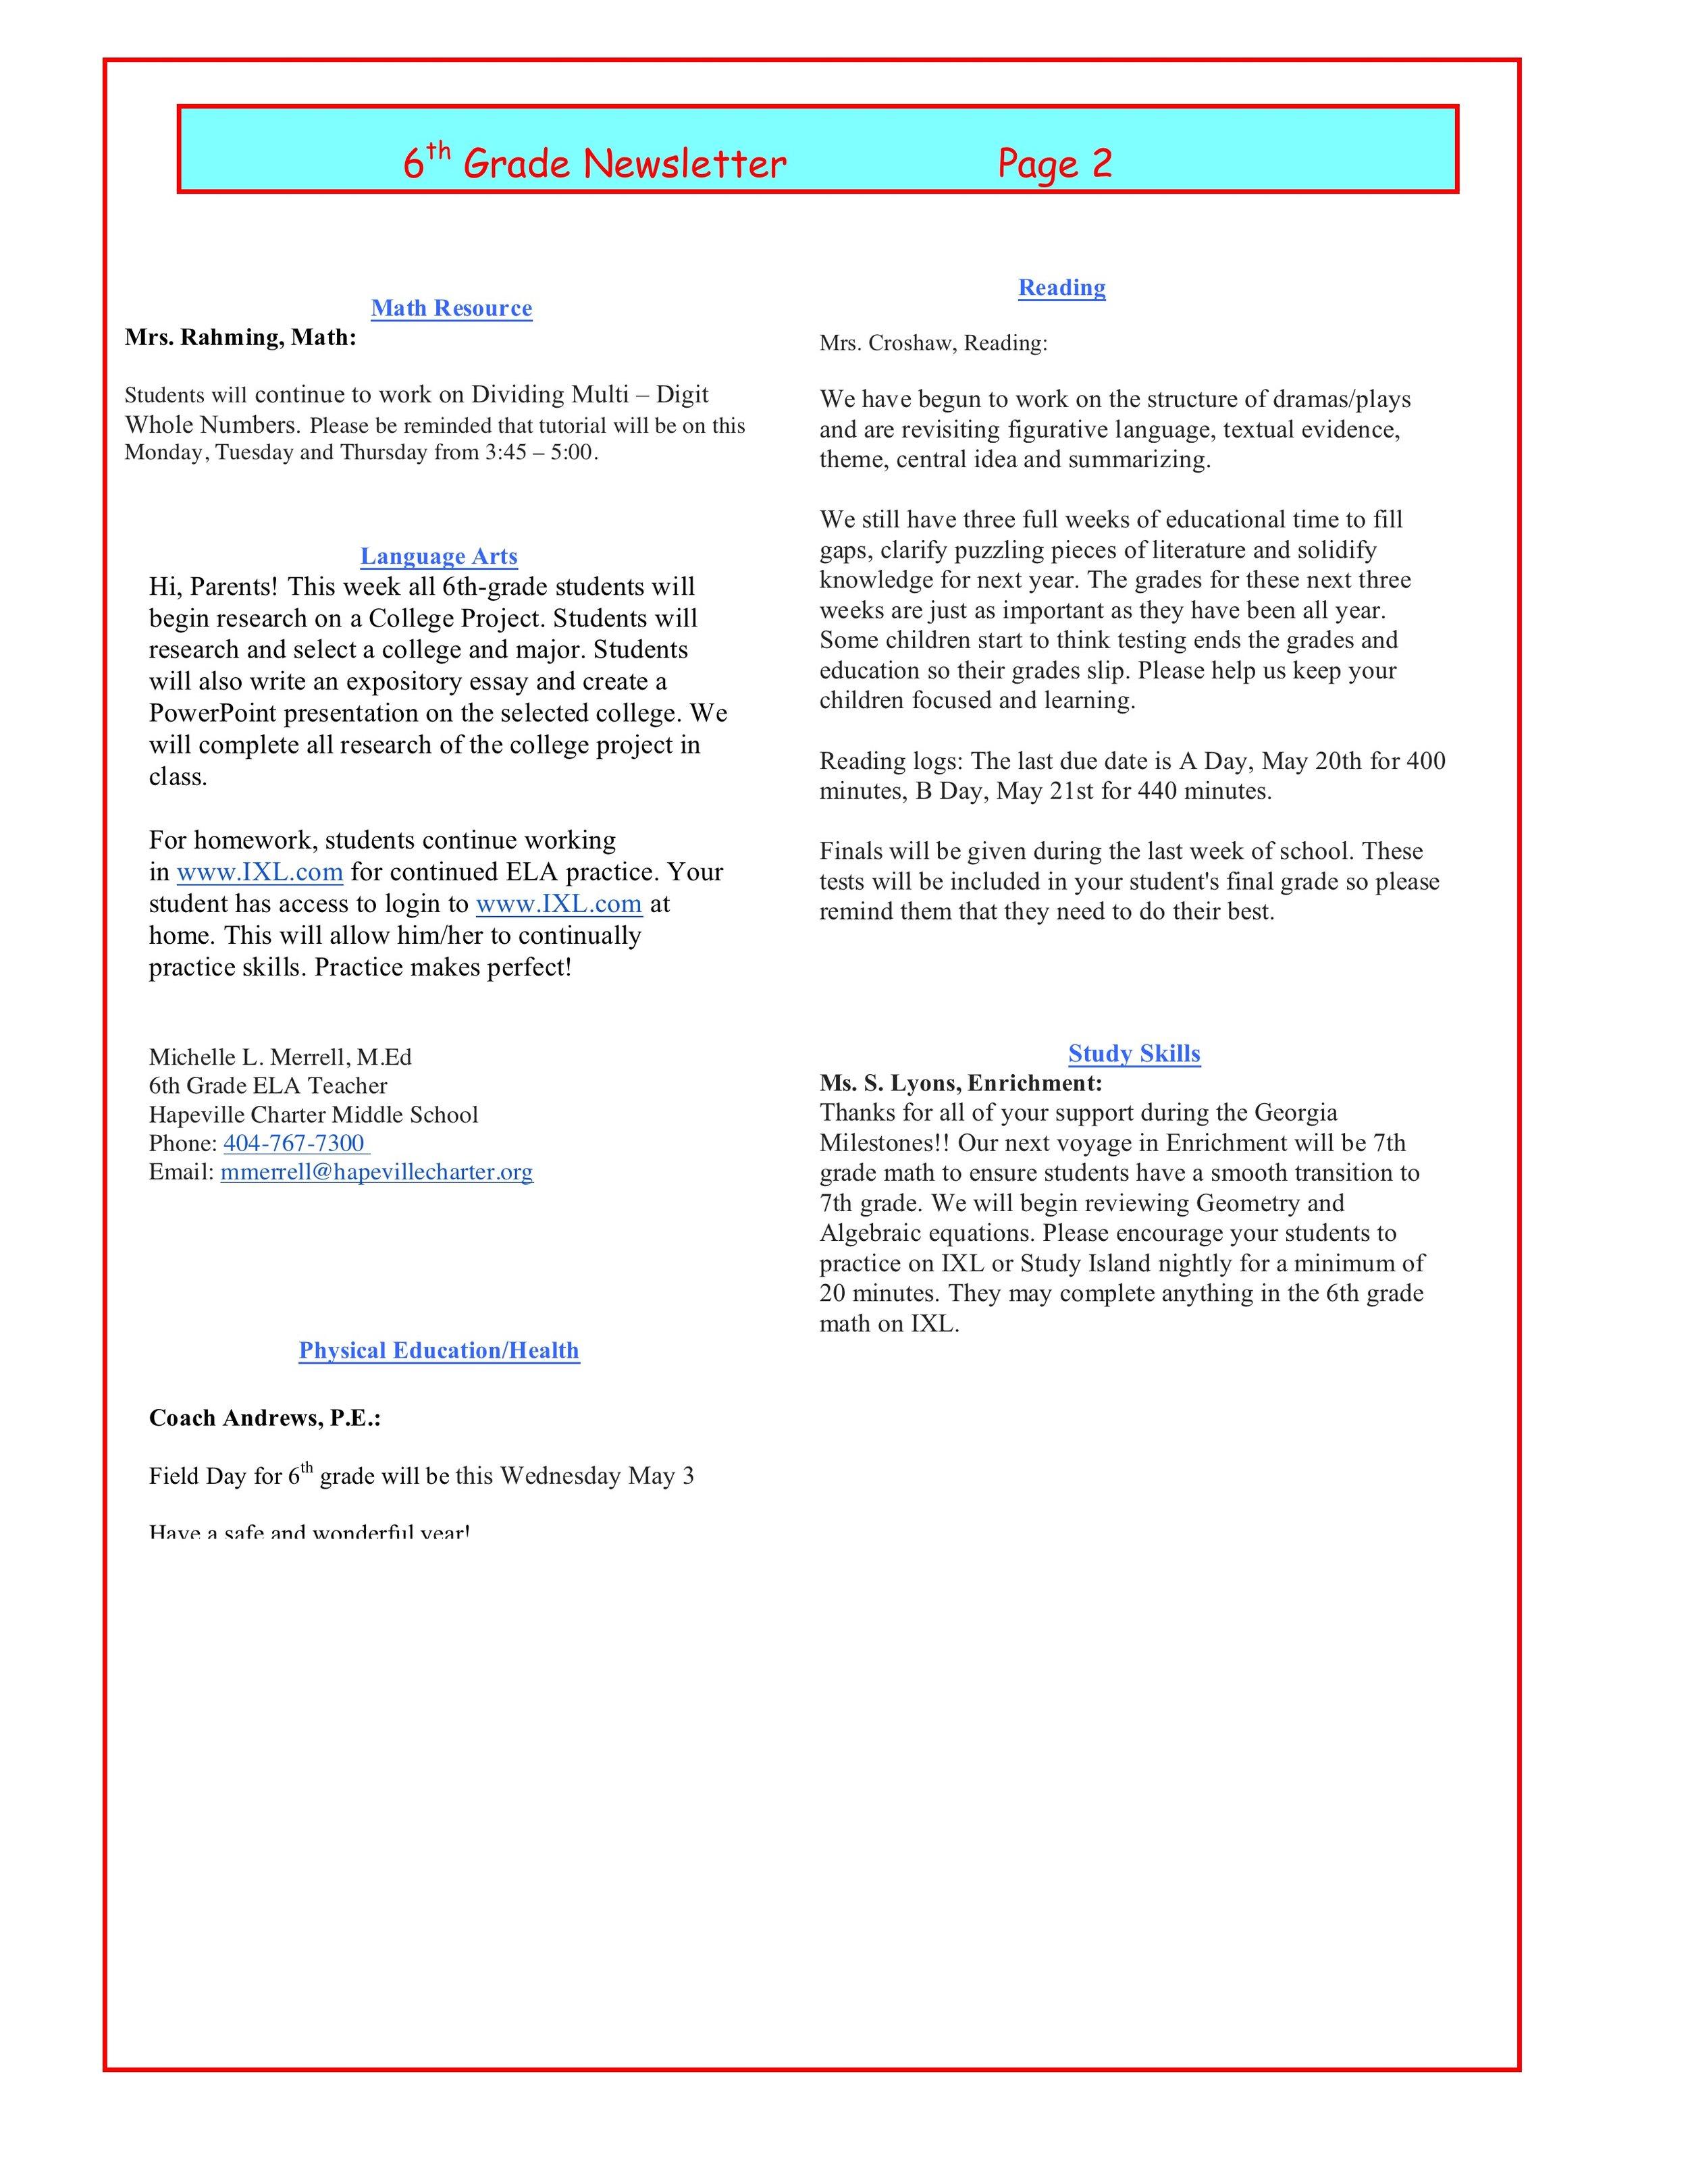 Newsletter Image6th Grade Newsletter 5-1-2017 2.jpeg